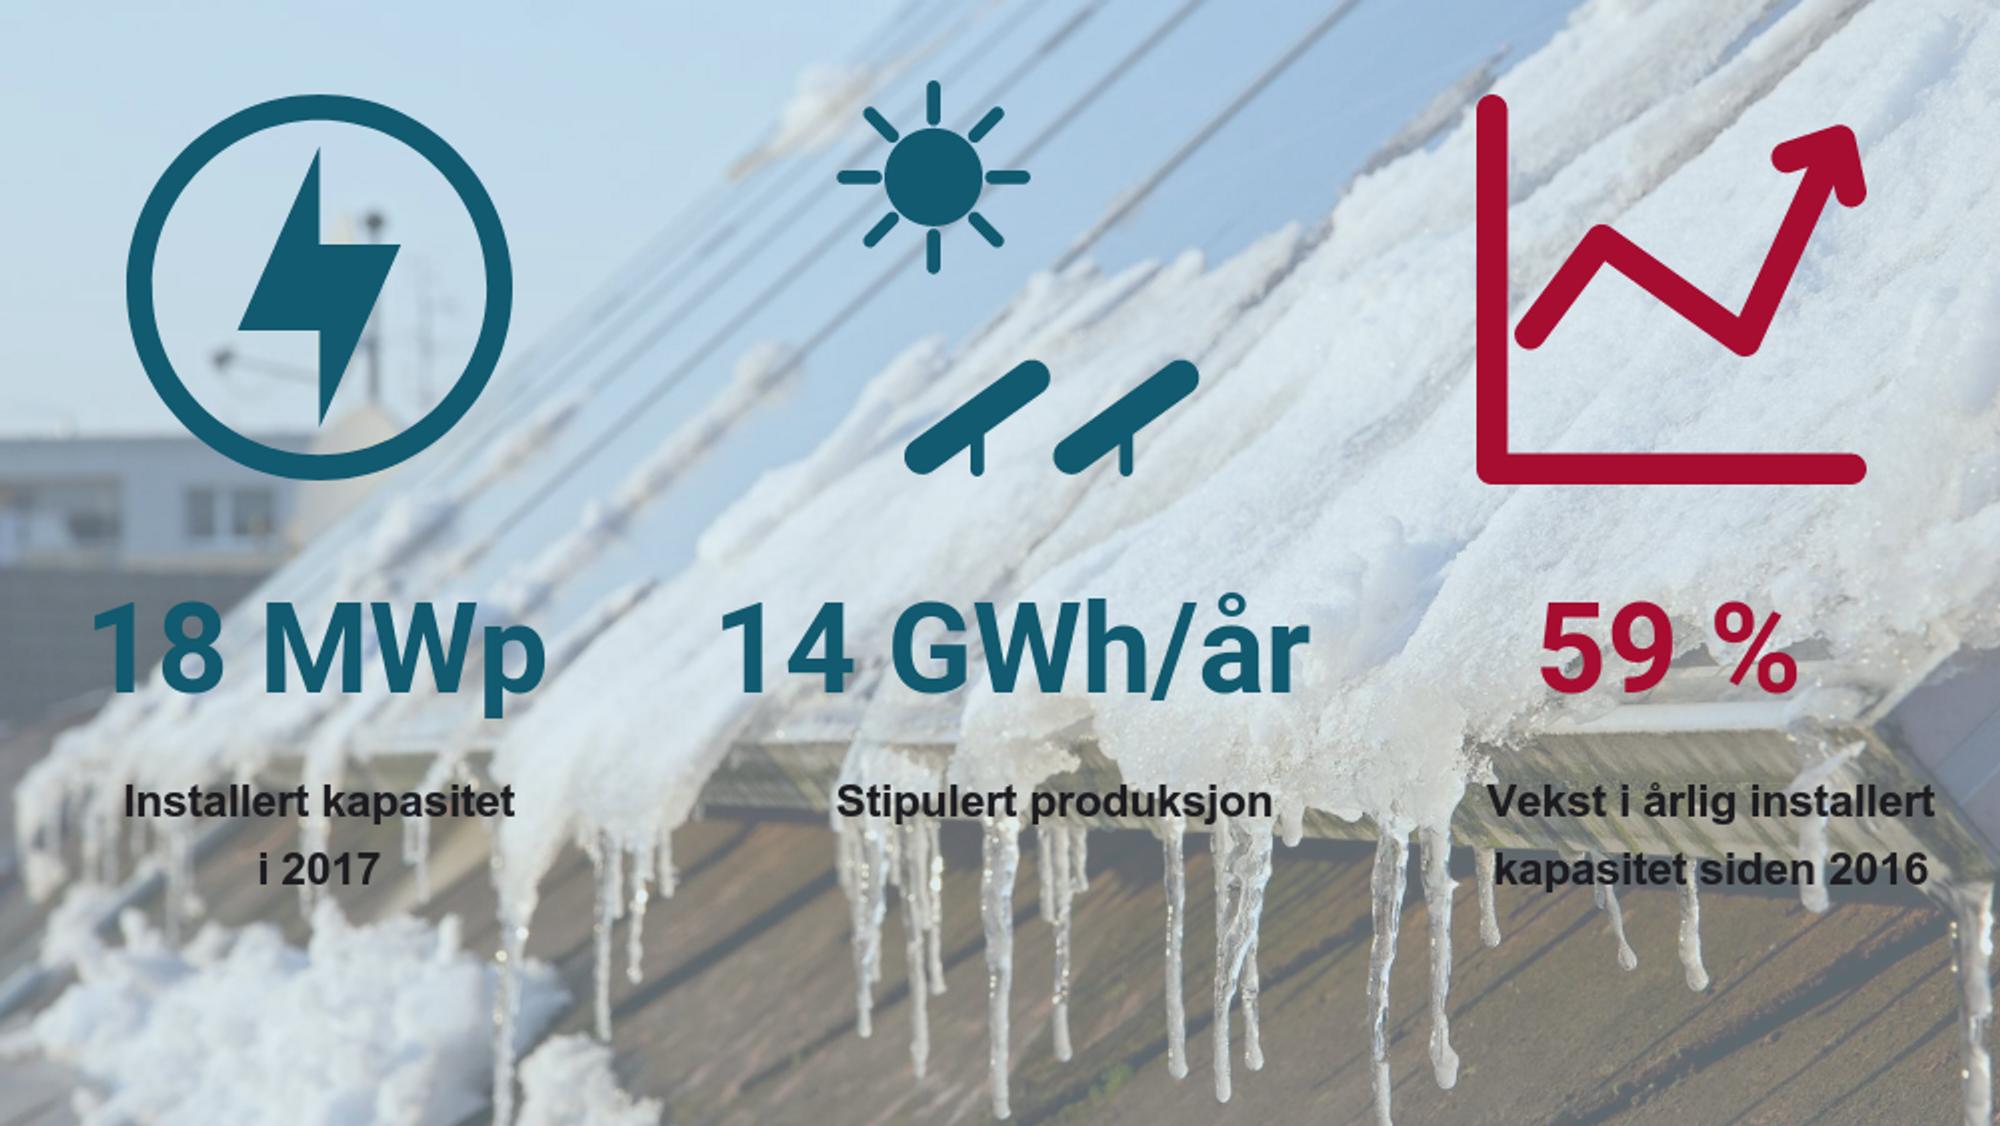 Nøkkeltall for den norske solnæringen i 2017. Bildet bak viser solcellepanel med smeltende snø og is.